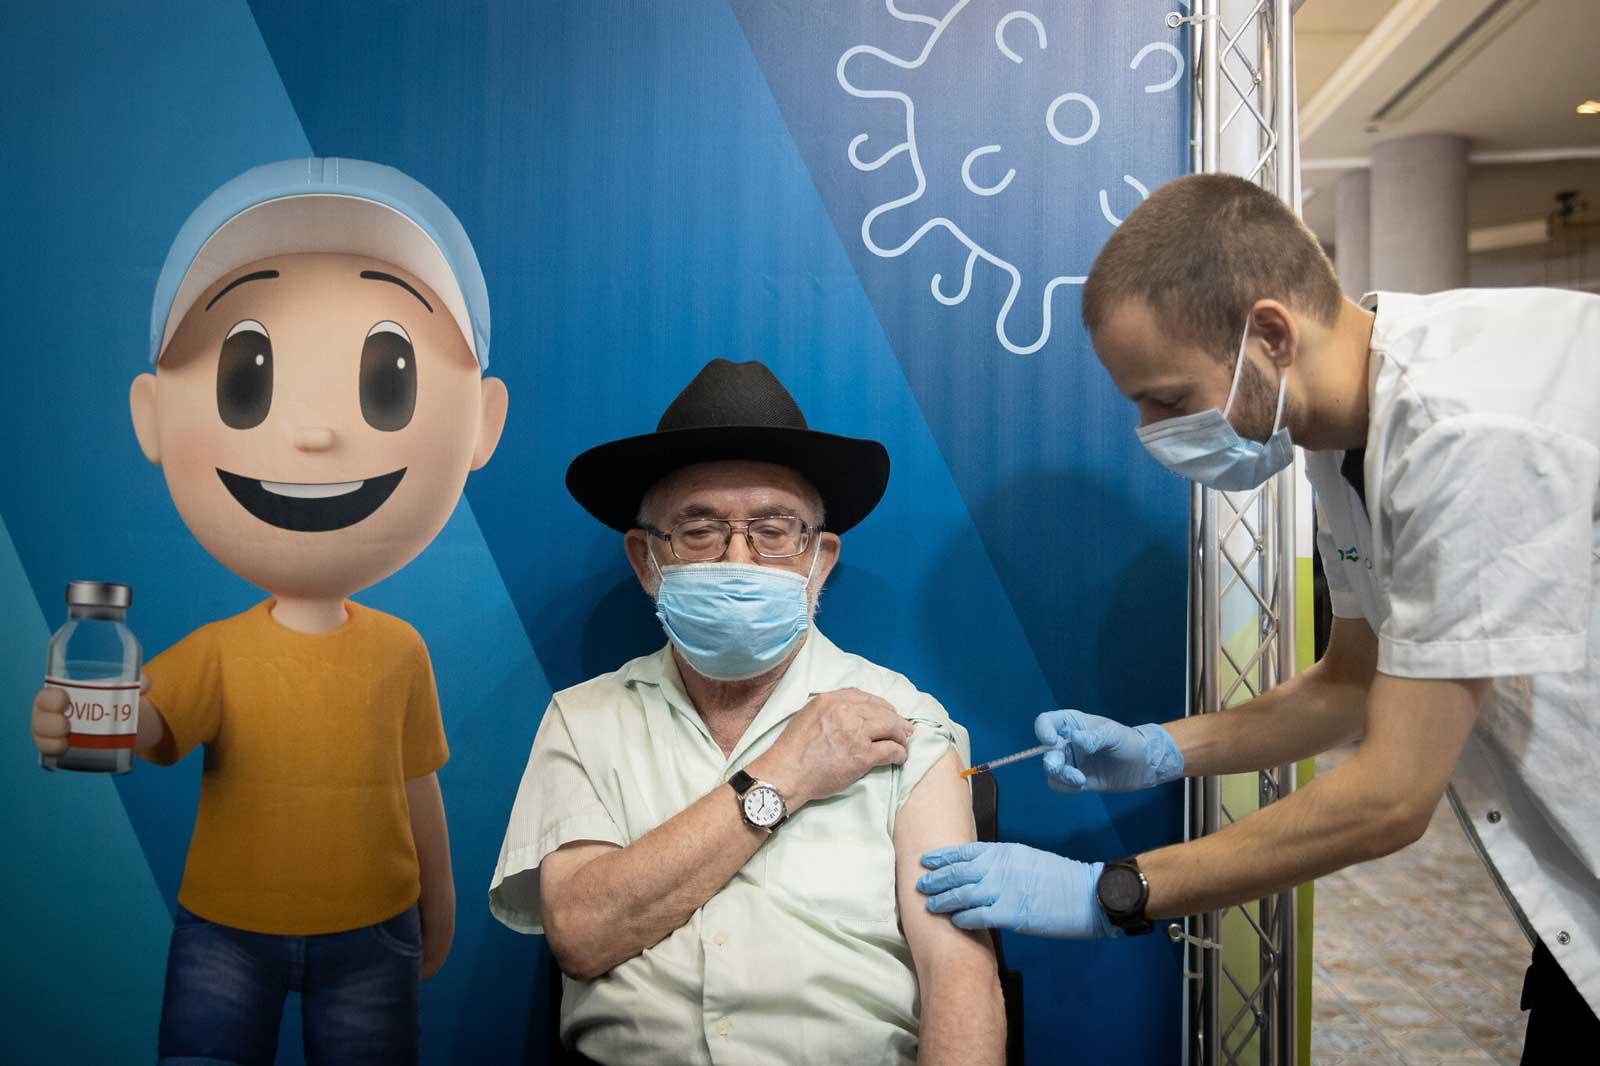 Panel de expertos recomienda que los israelíes mayores de 50 años se vacunen contra el COVID